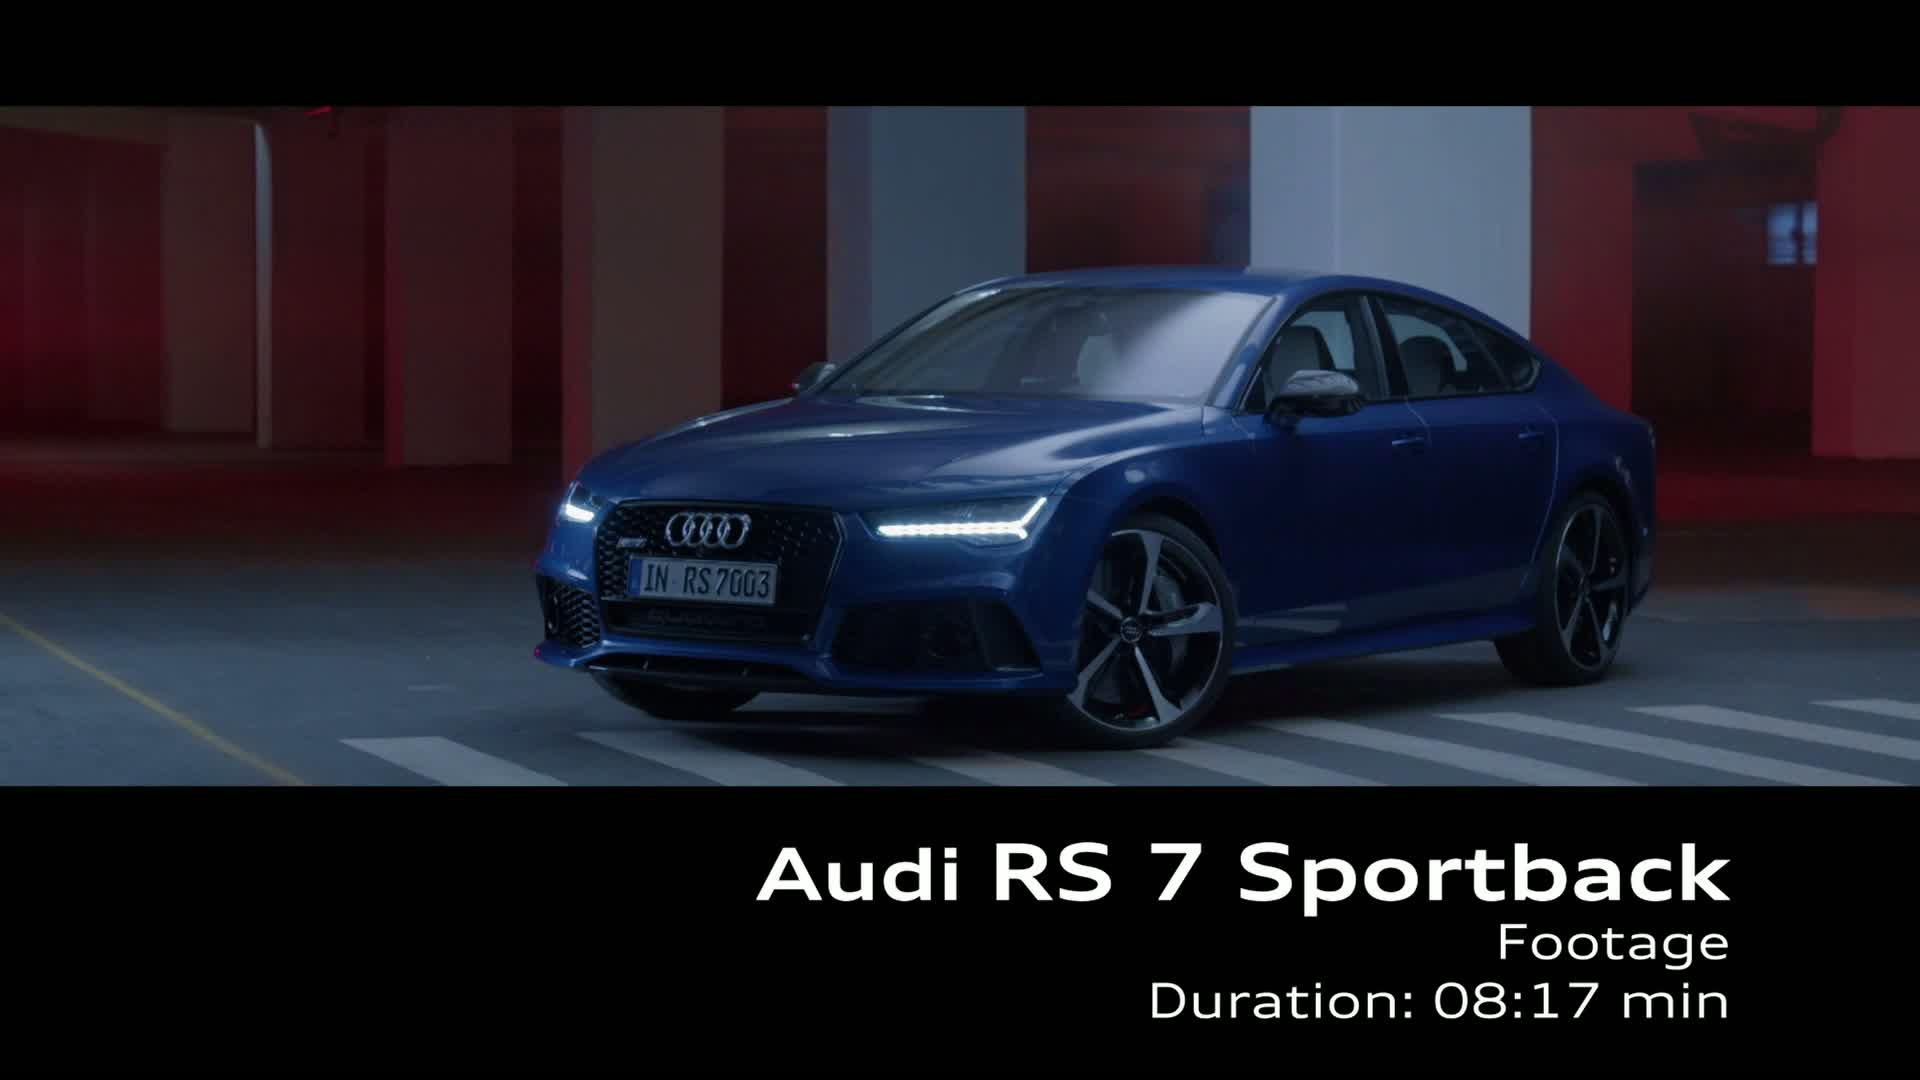 Noch eine Spur schärfer: der überarbeitete Audi RS 7 Sportback - Footage